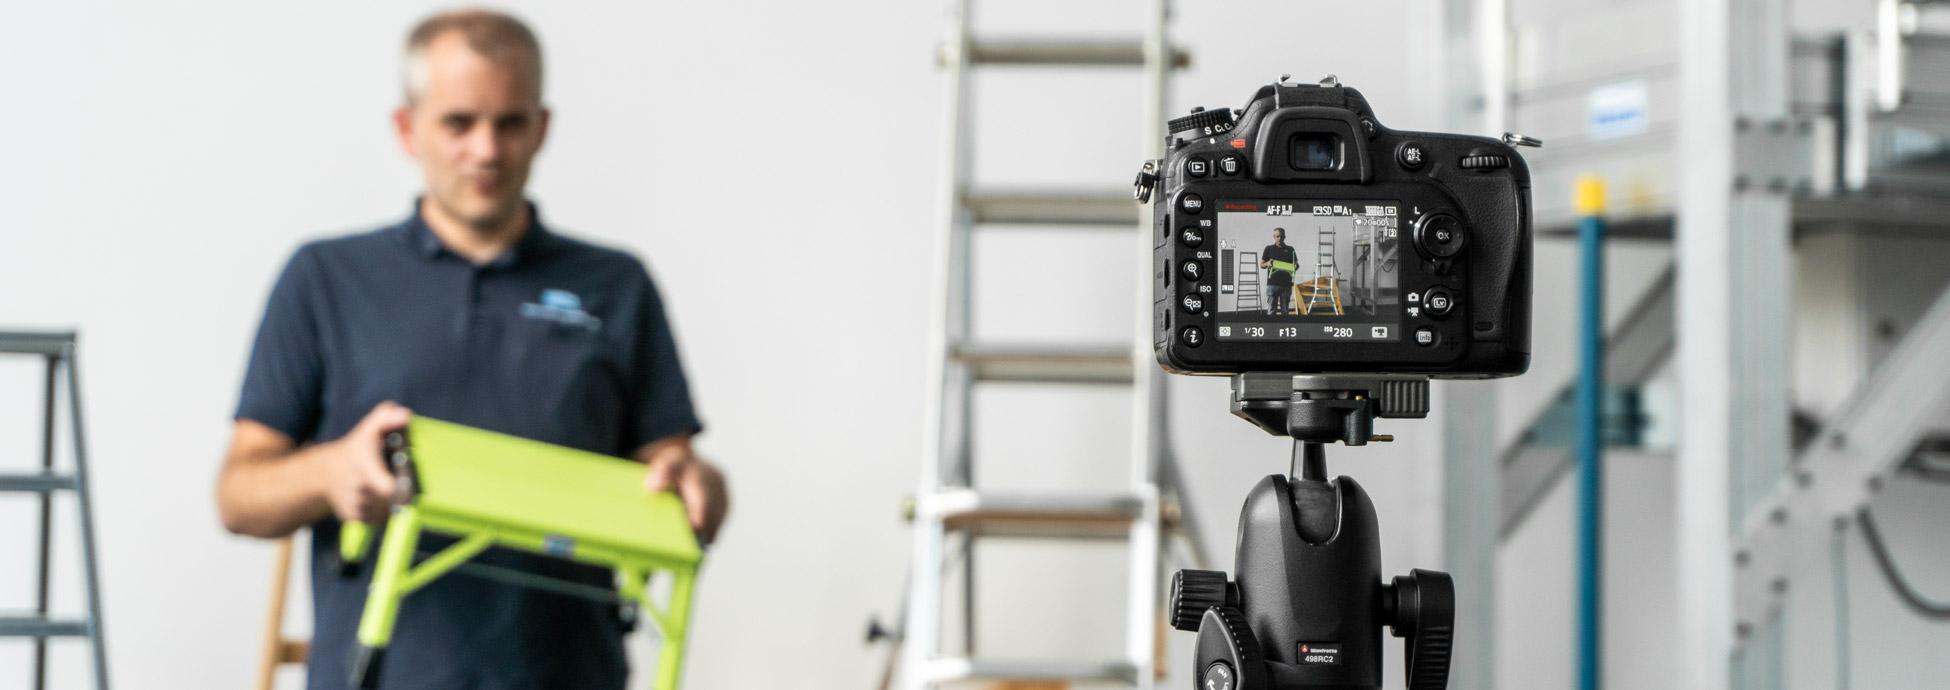 Wskazówki dotyczące użytkowania produktów w postaci materiałów video